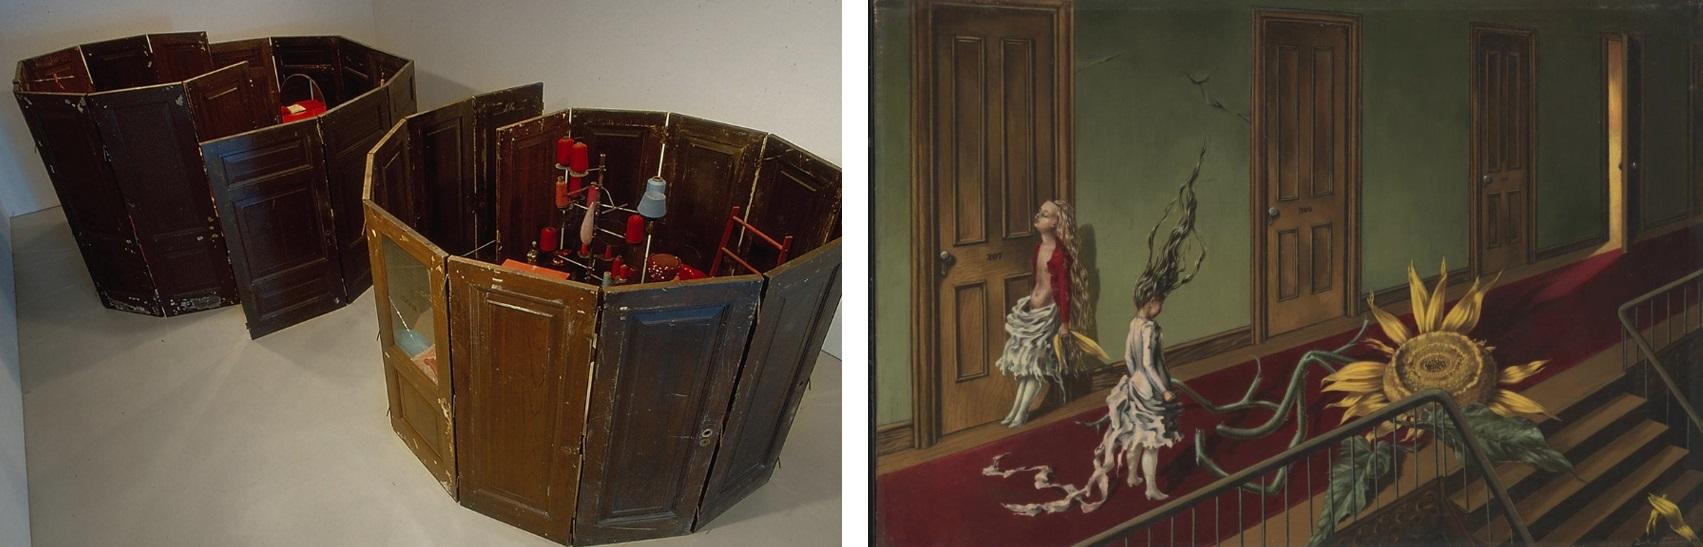 Doors: Bourgeois - Red Rooms (1994) / Tanning - Eine Kleine Nachtmusik (1943)